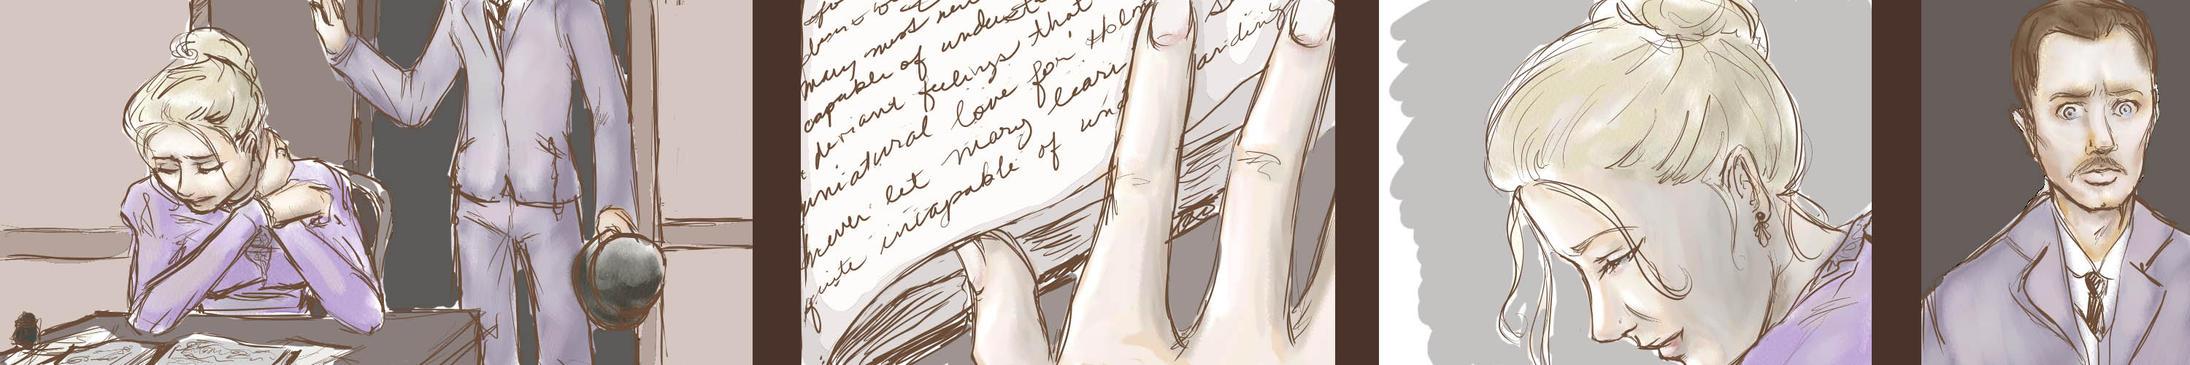 SH: Strange Mary journal thing by hikethekilt